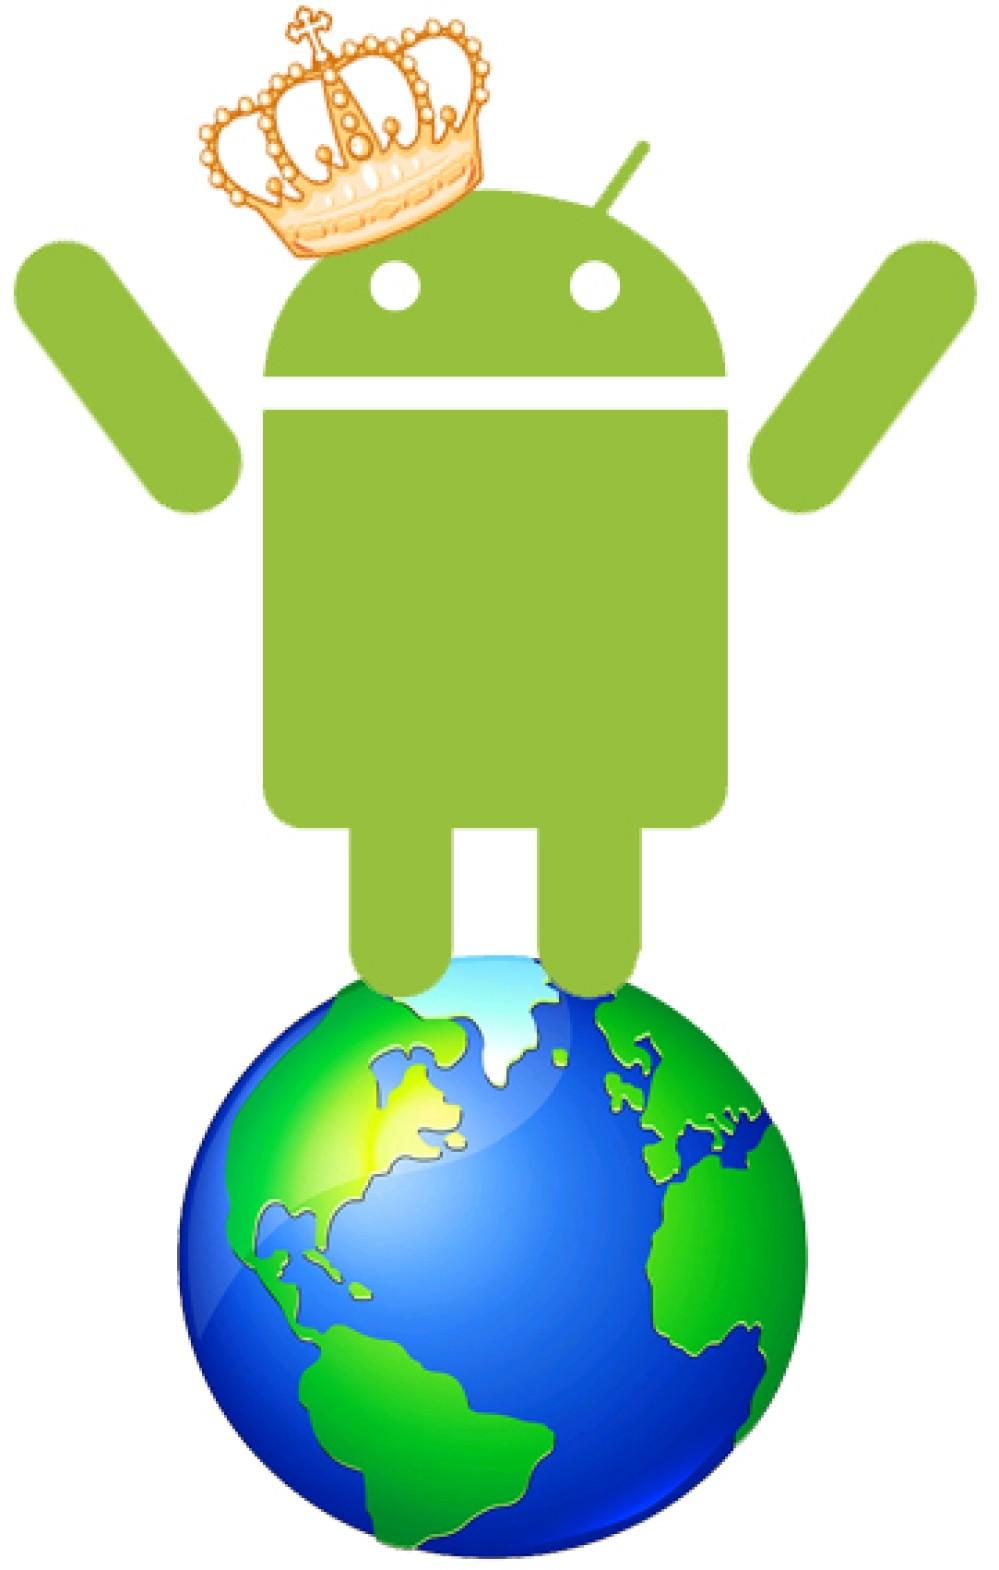 Πρώτο το Android σε όλες τις αγορές smartphones του κόσμου!